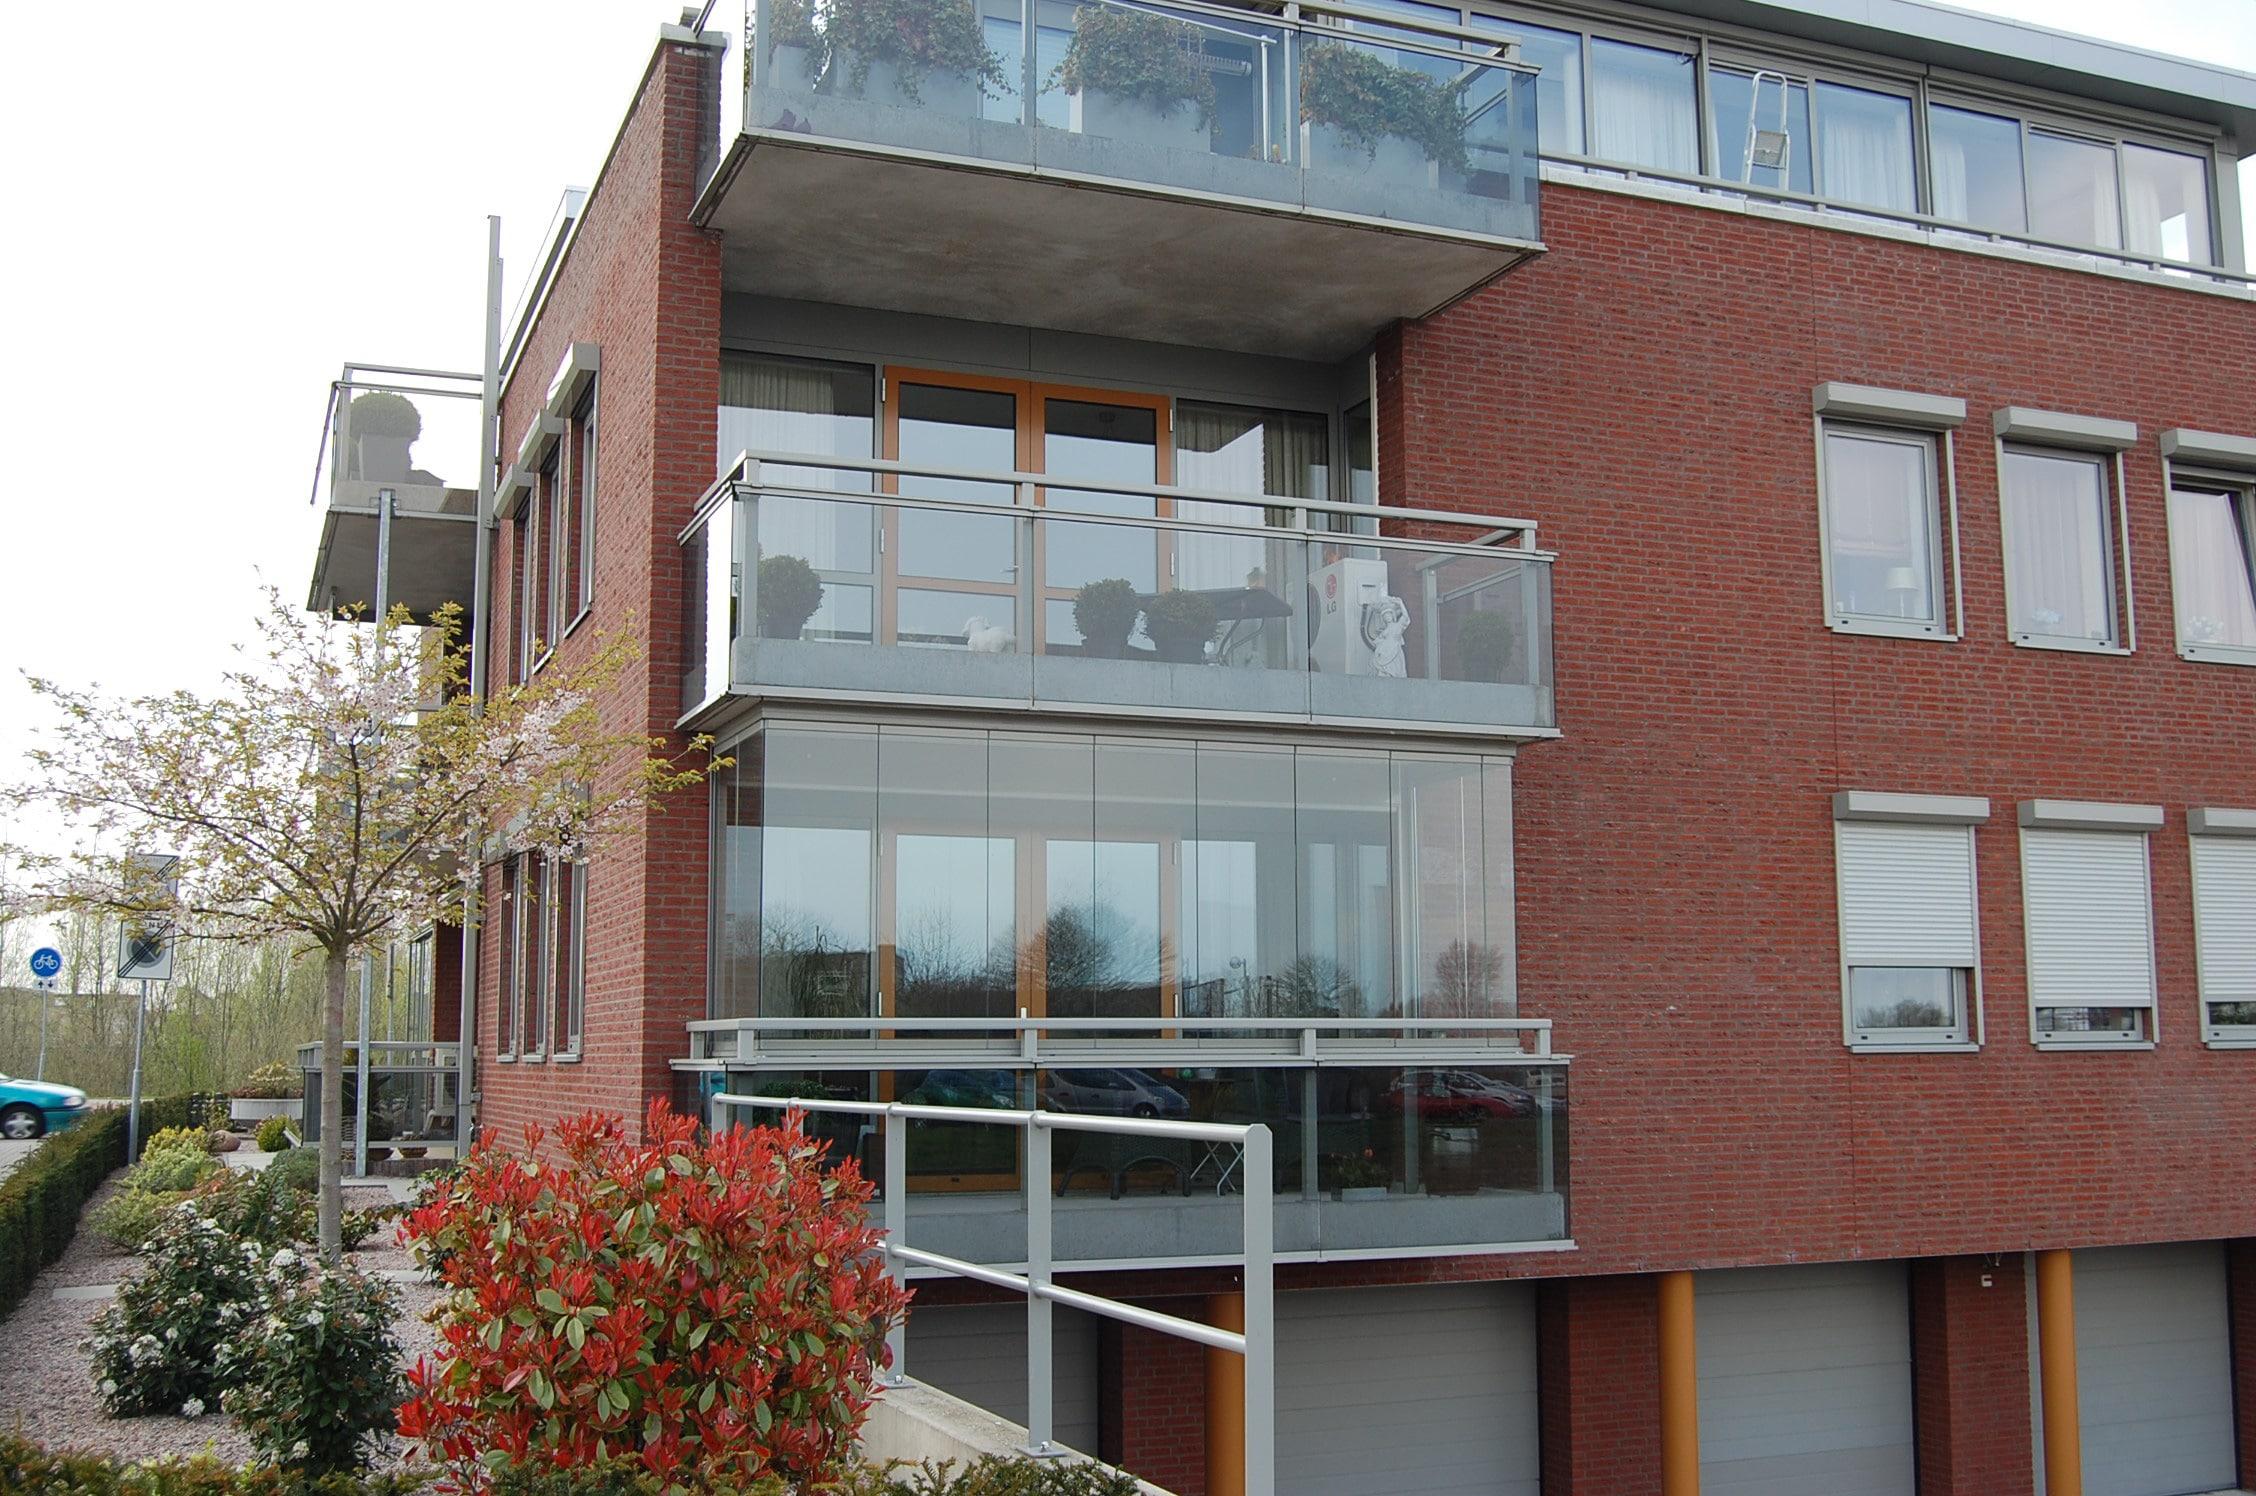 Balkonwintergarten aus Glas zum Öffnen